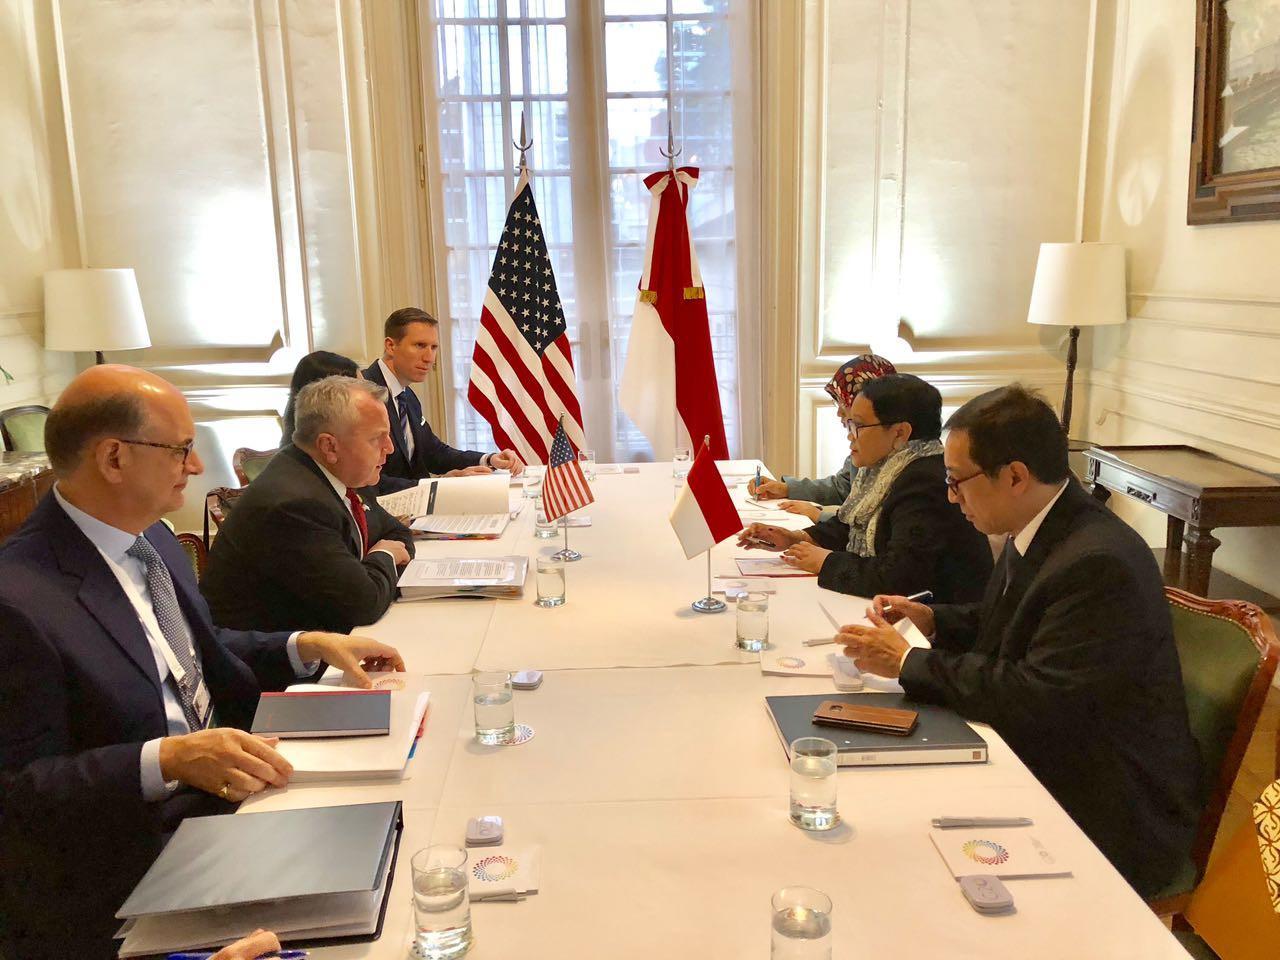 Pertemuan bilateral antara Menteri Luar Negeri RI Retno Marsudi dan Wakil Menteri Luar Negeri AS John J Sullivan di sela-sela forum antar menlu negara G20 di Buenos Aires (20/5) (Kemenlu RI)